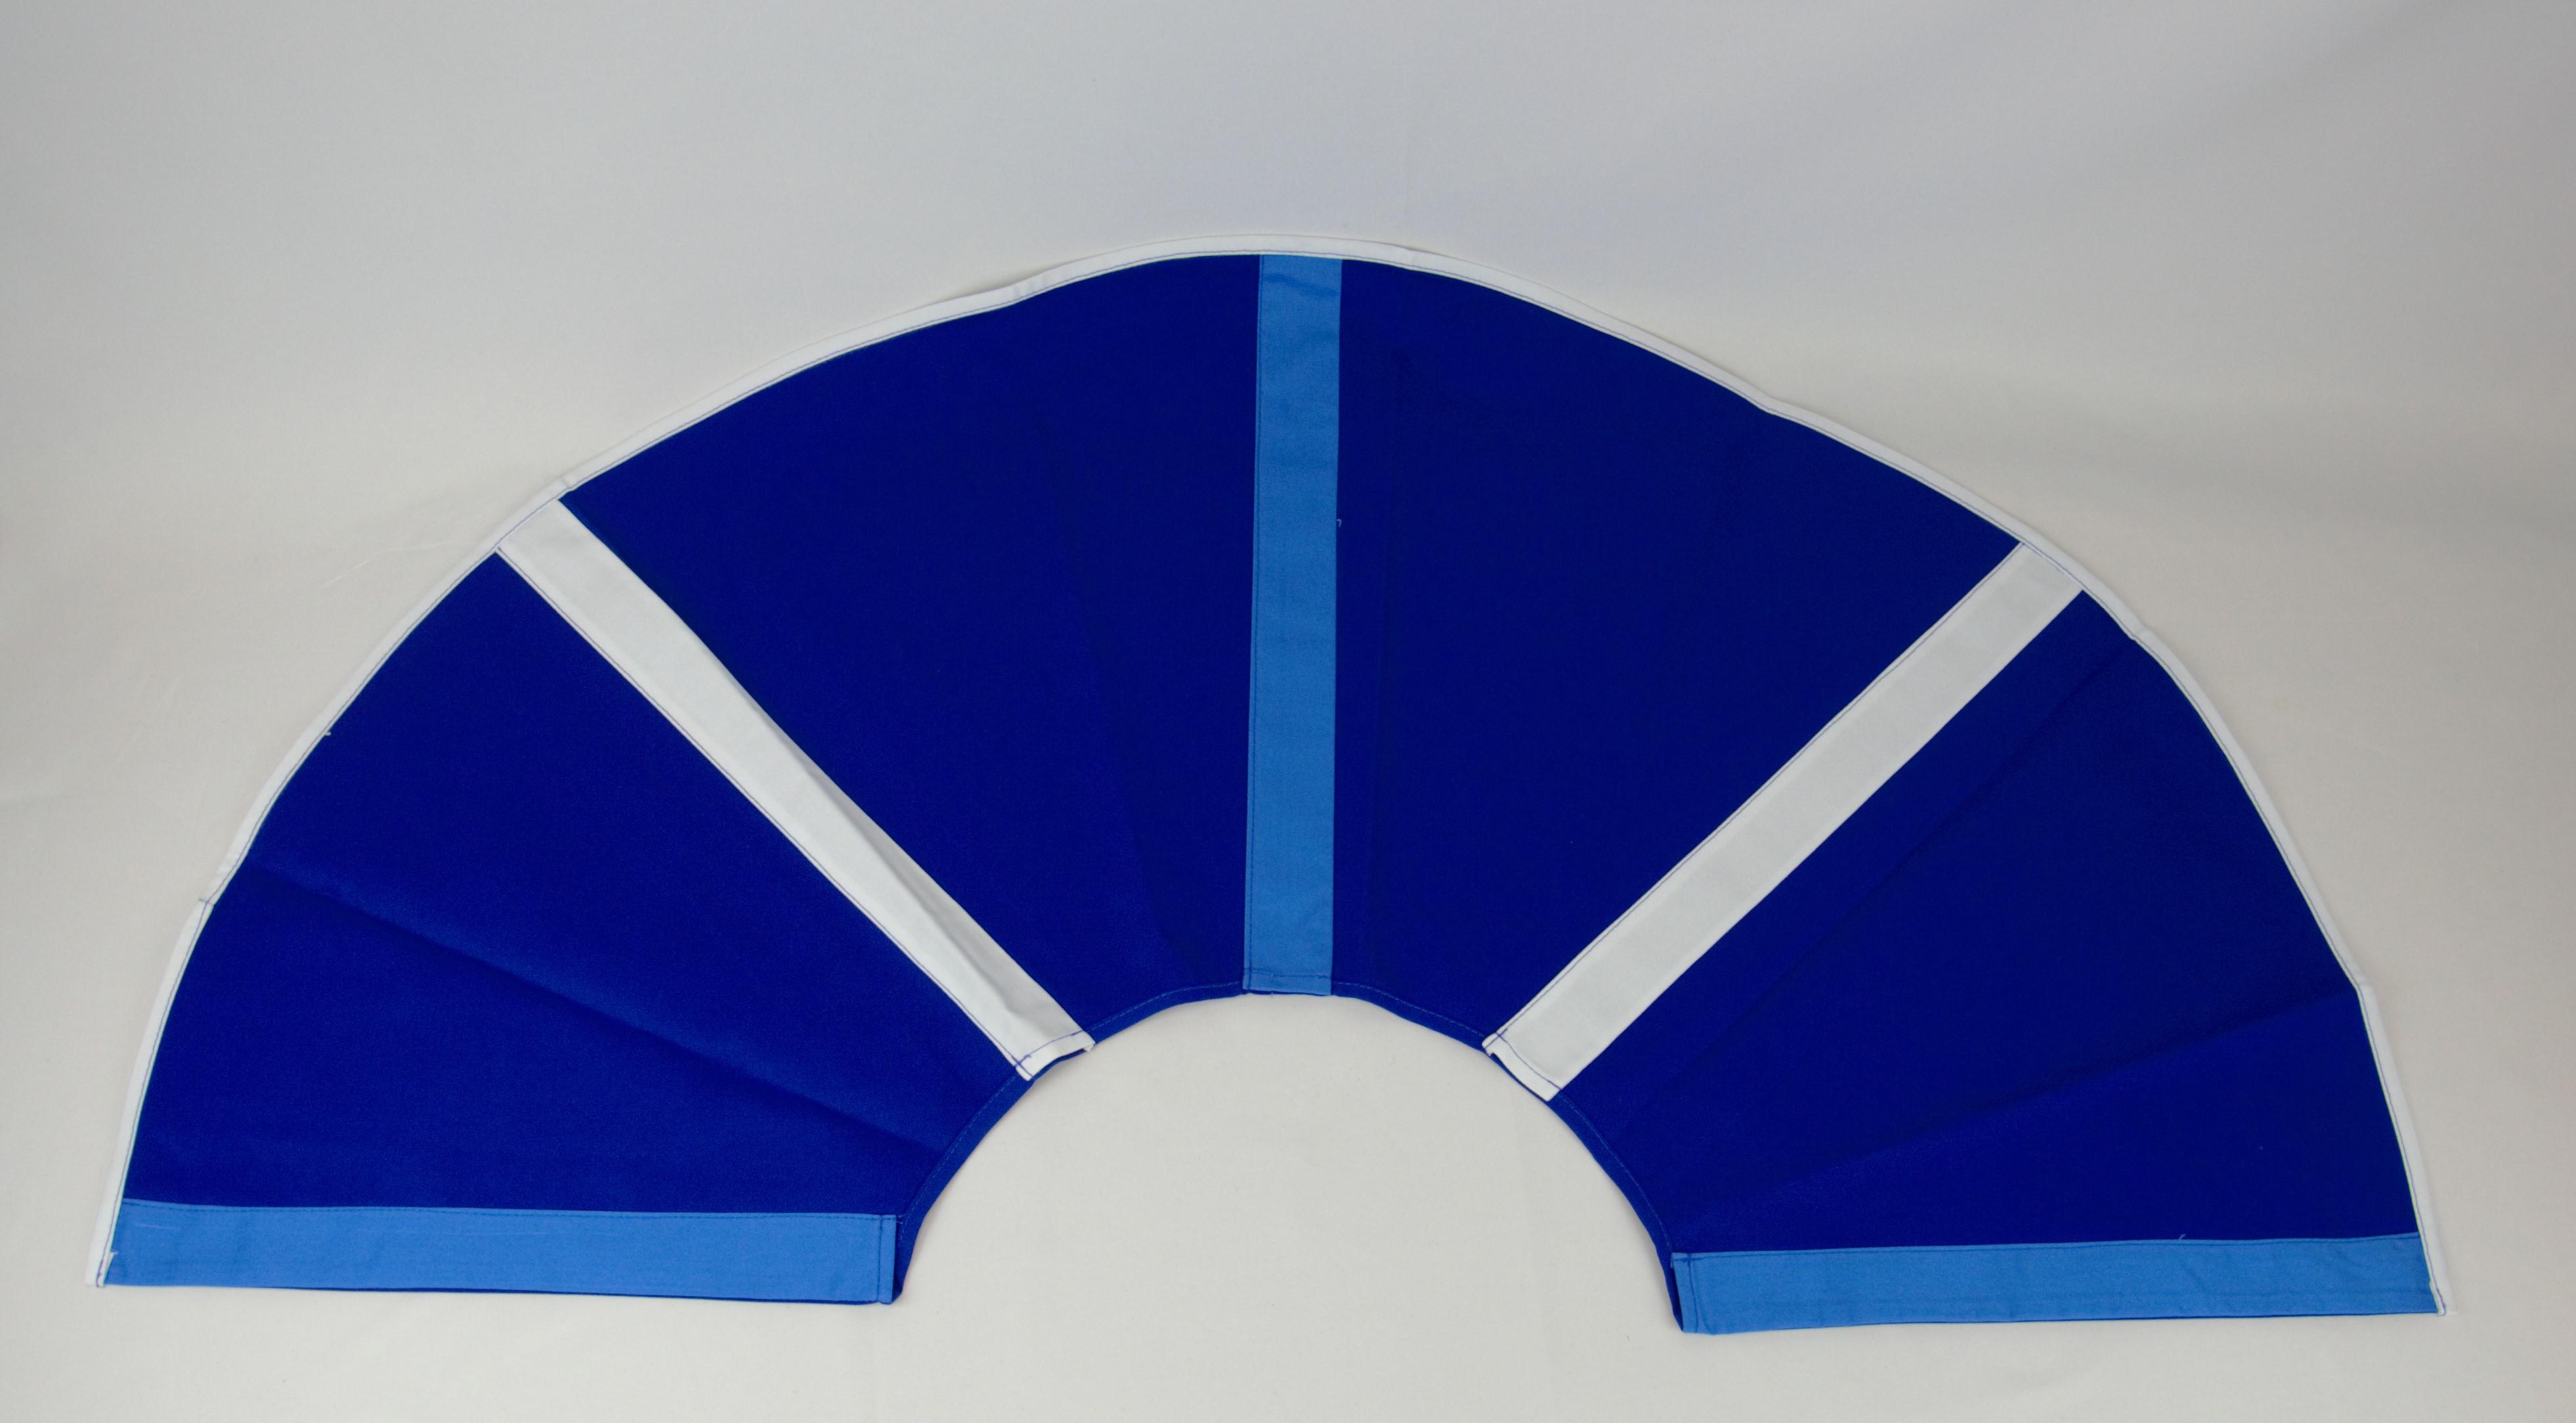 003-ES-AFS-BHBW | Ersatzstoff Aufgussfächer STANDARD Blau-Hellblau-Weiß